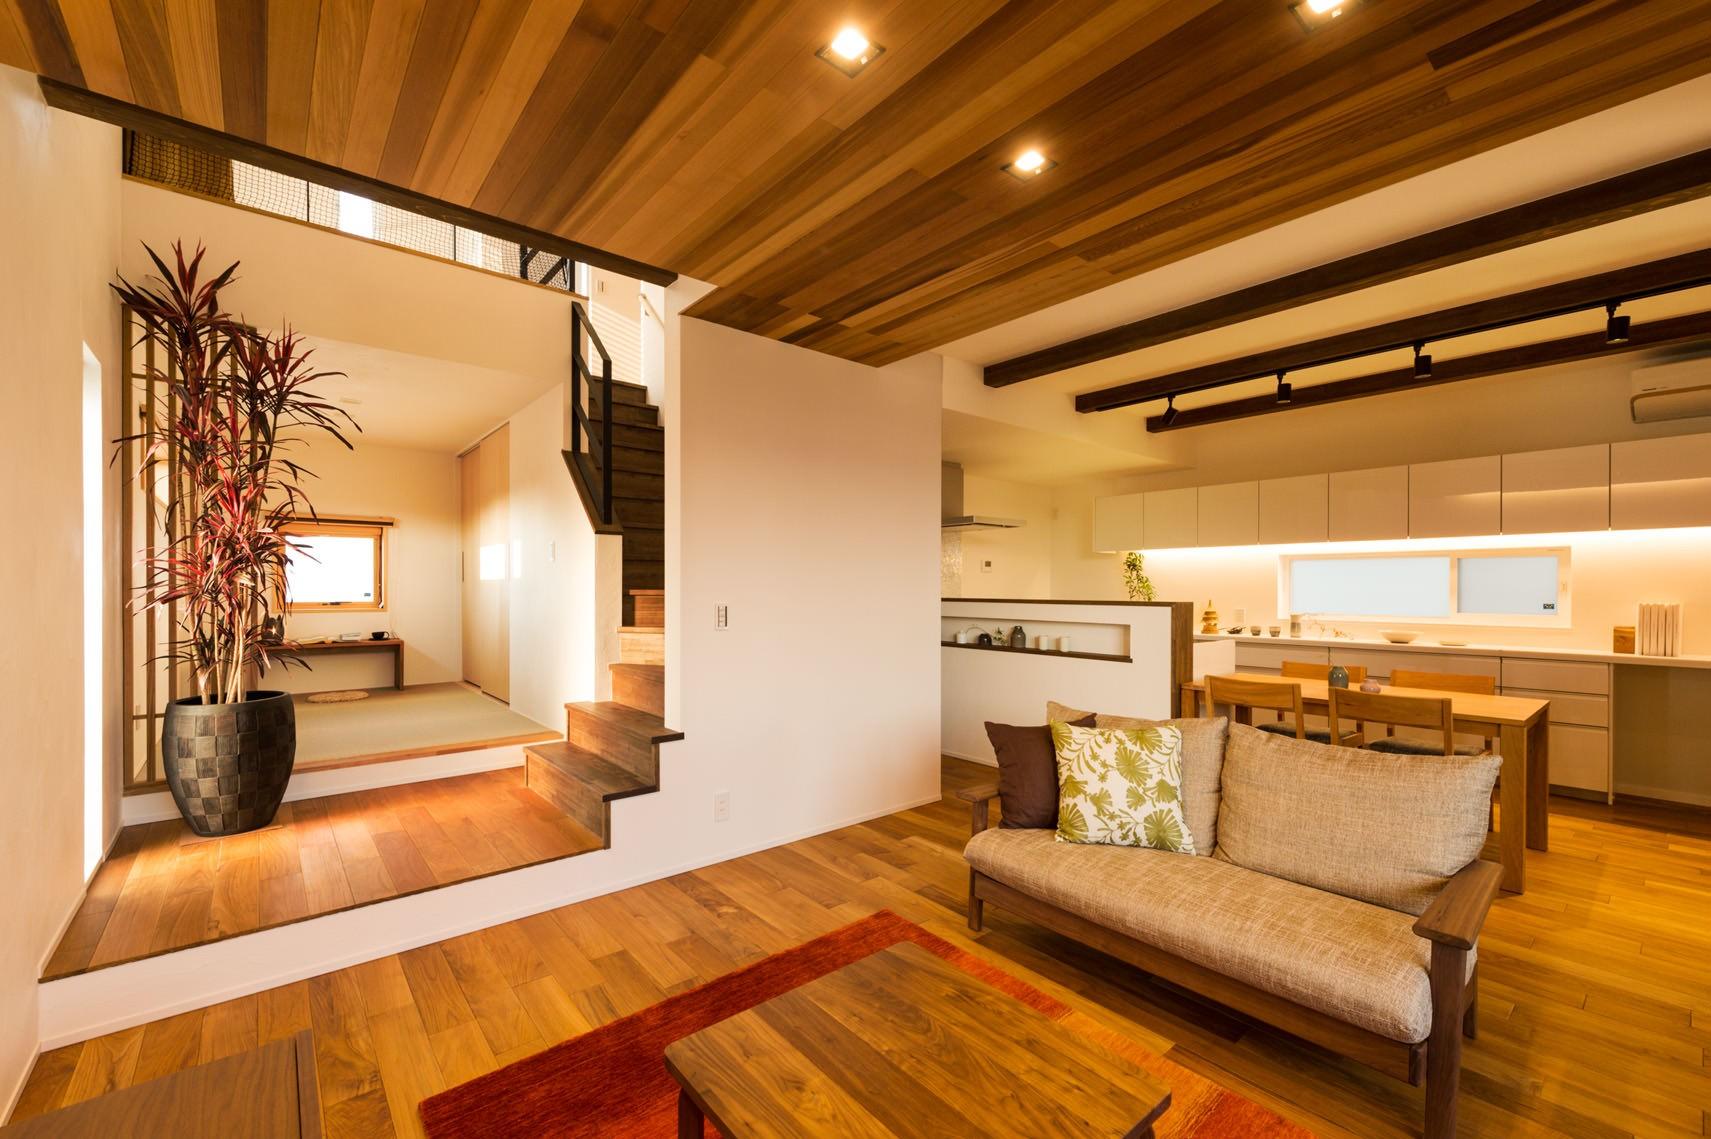 フクダハウジング株式会社「ワンランク上の美しさと機能性の高い家」のシンプル・ナチュラル・モダン・自然素材なリビング・ダイニングの実例写真